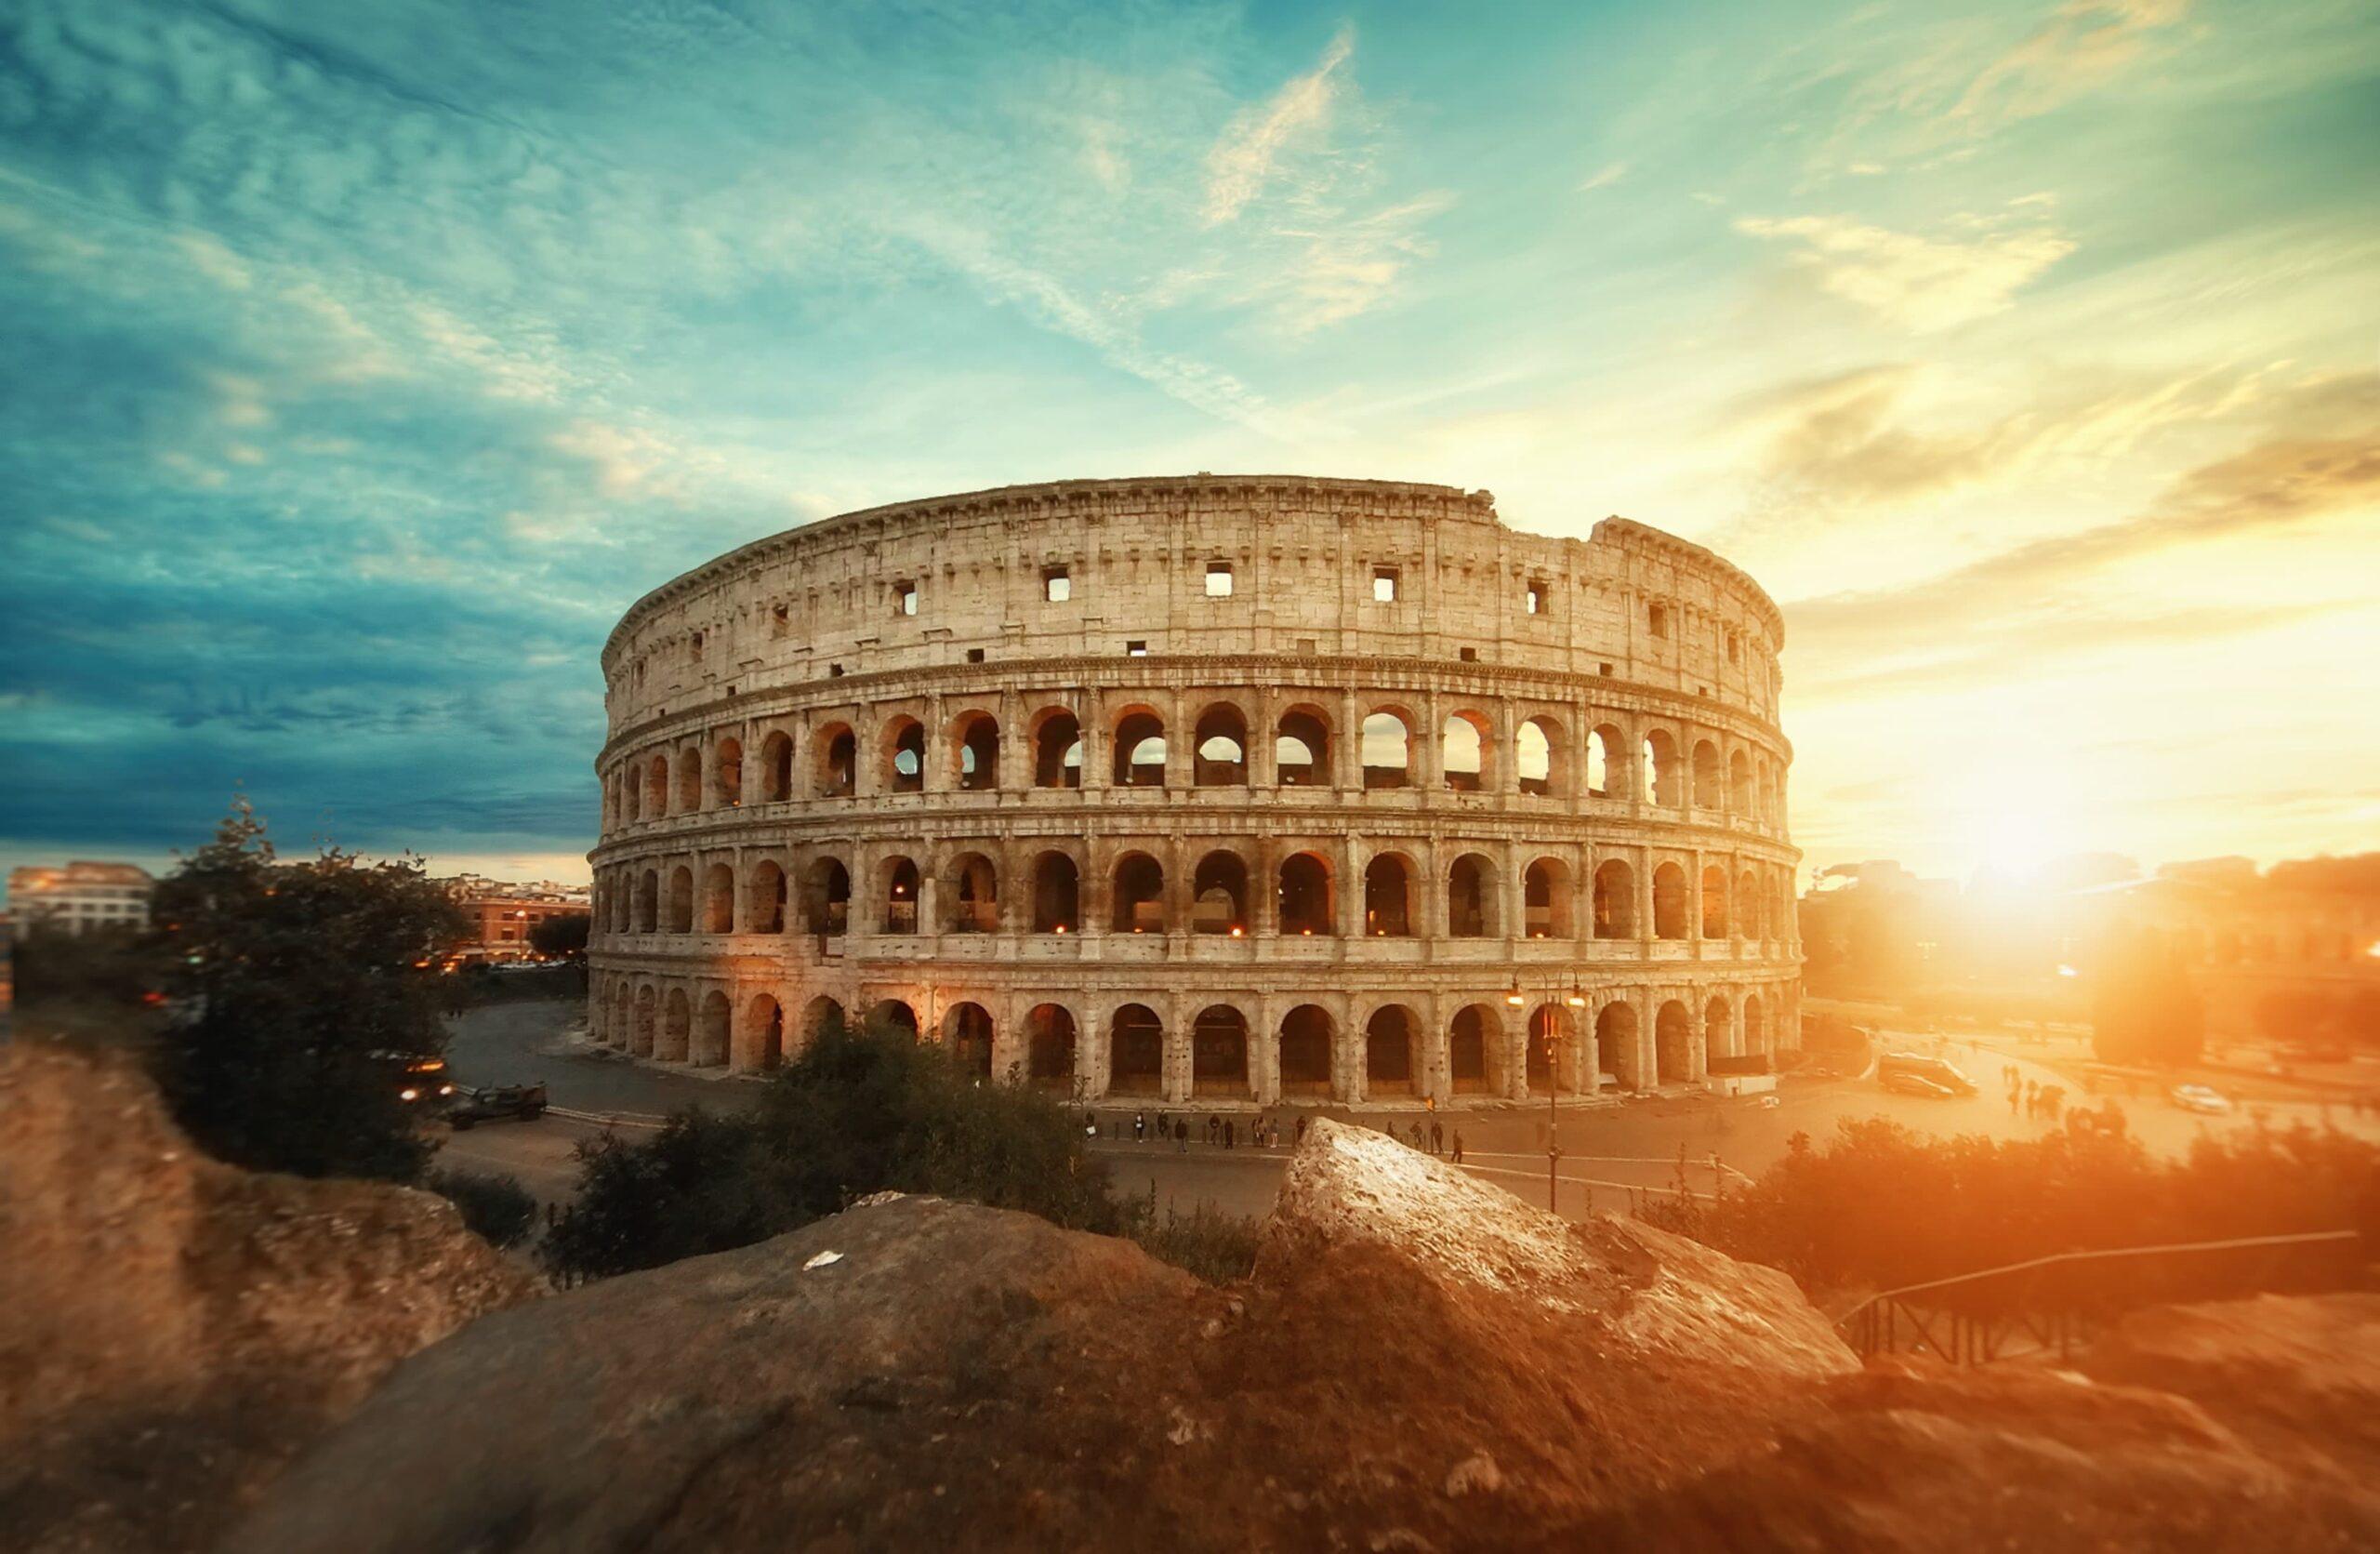 Séjour de 5 jours à Rome : 173€/personne (vols + hôtel) ?